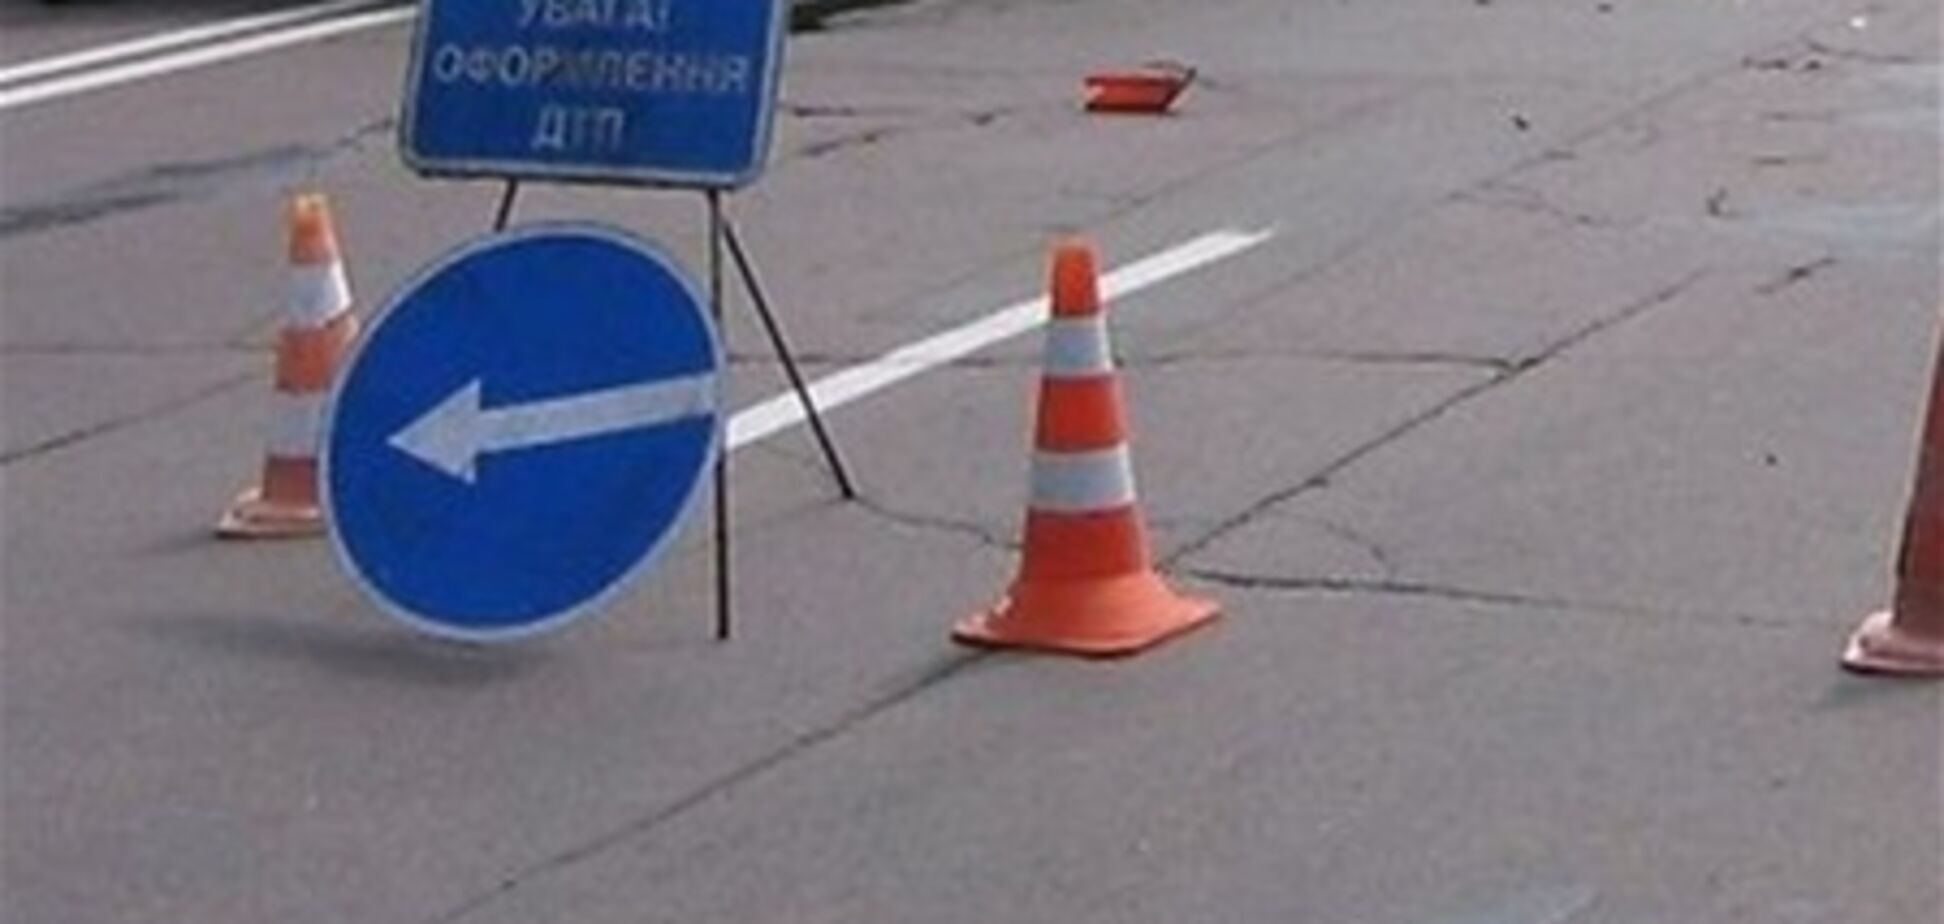 П'яний водій в Луганську скоїв ДТП і викрав потерпілу